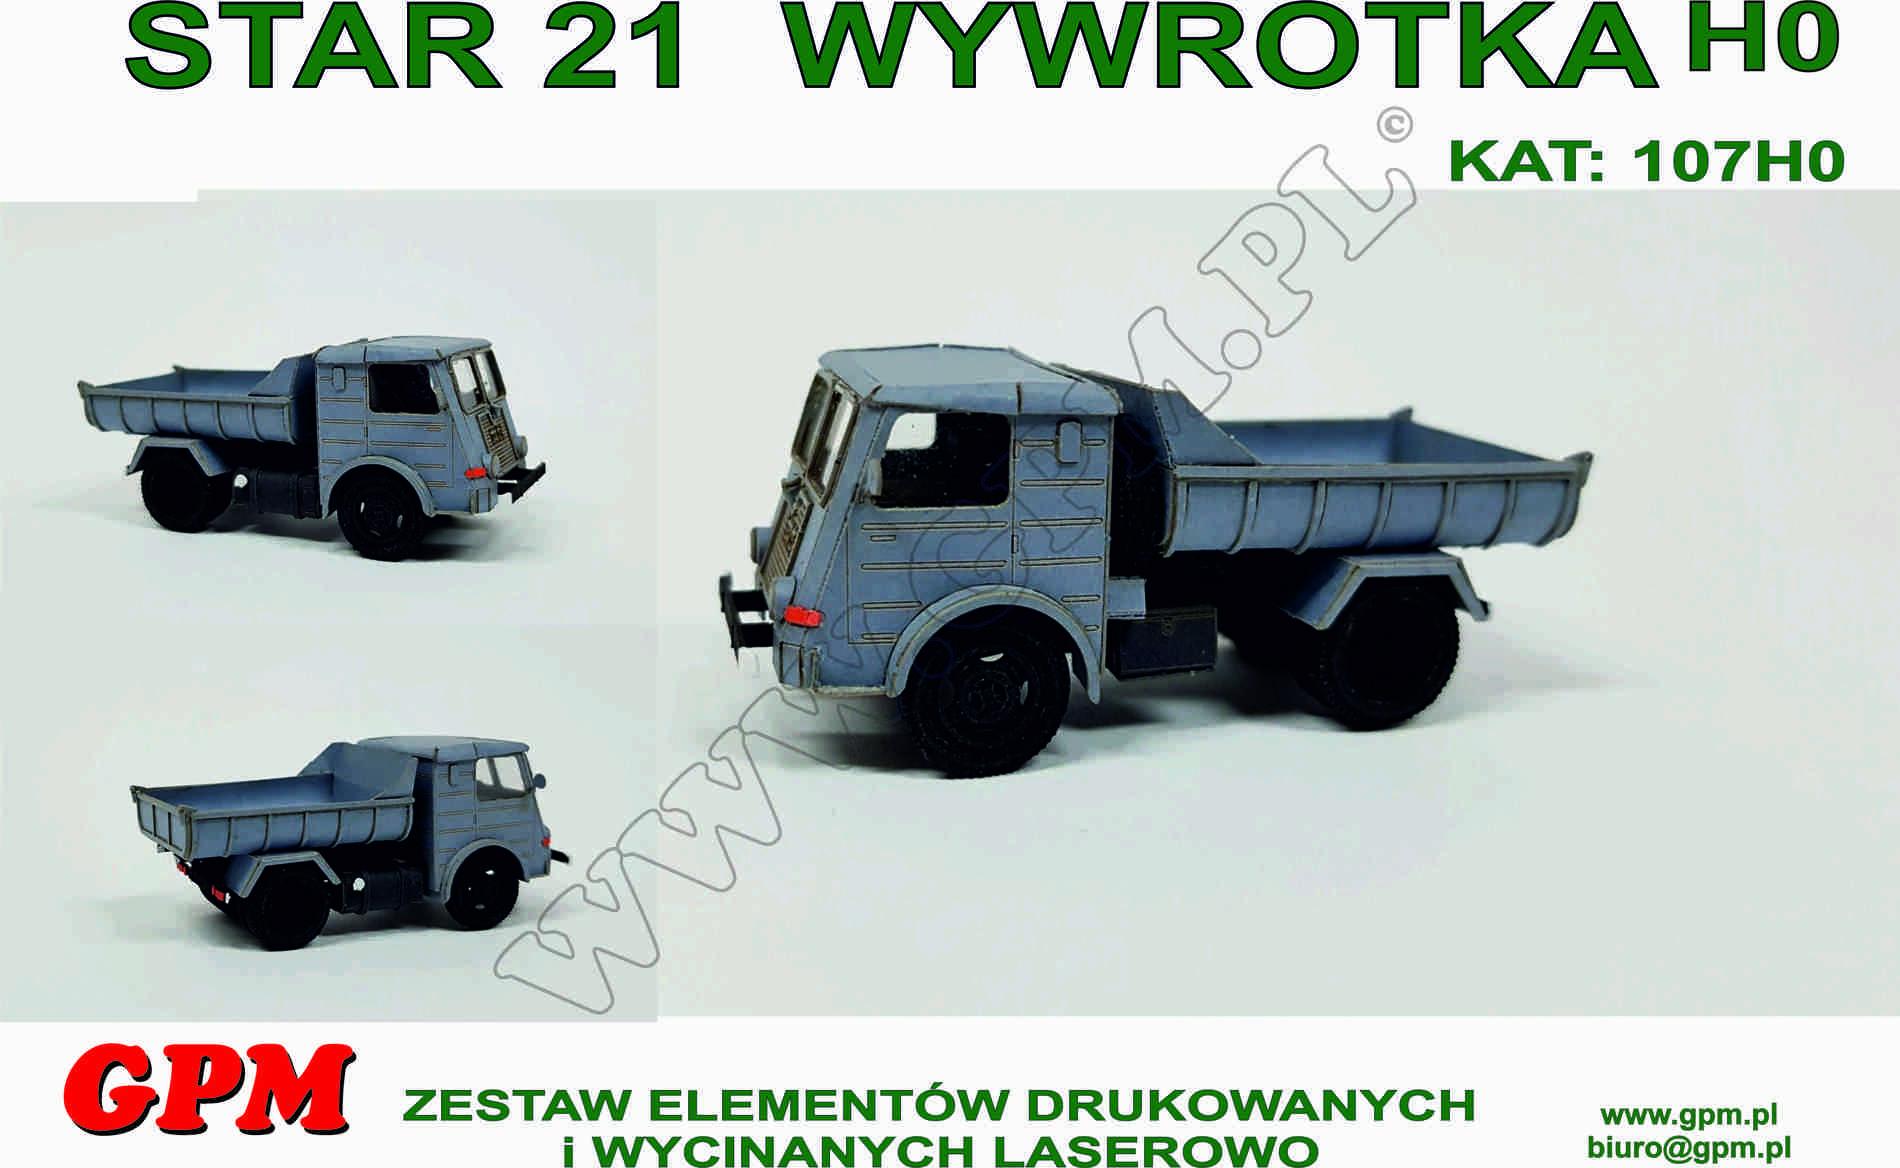 Zupełnie nowe STAR 21 WYWROTKA (HO) - model wycięty laserowo • WF51